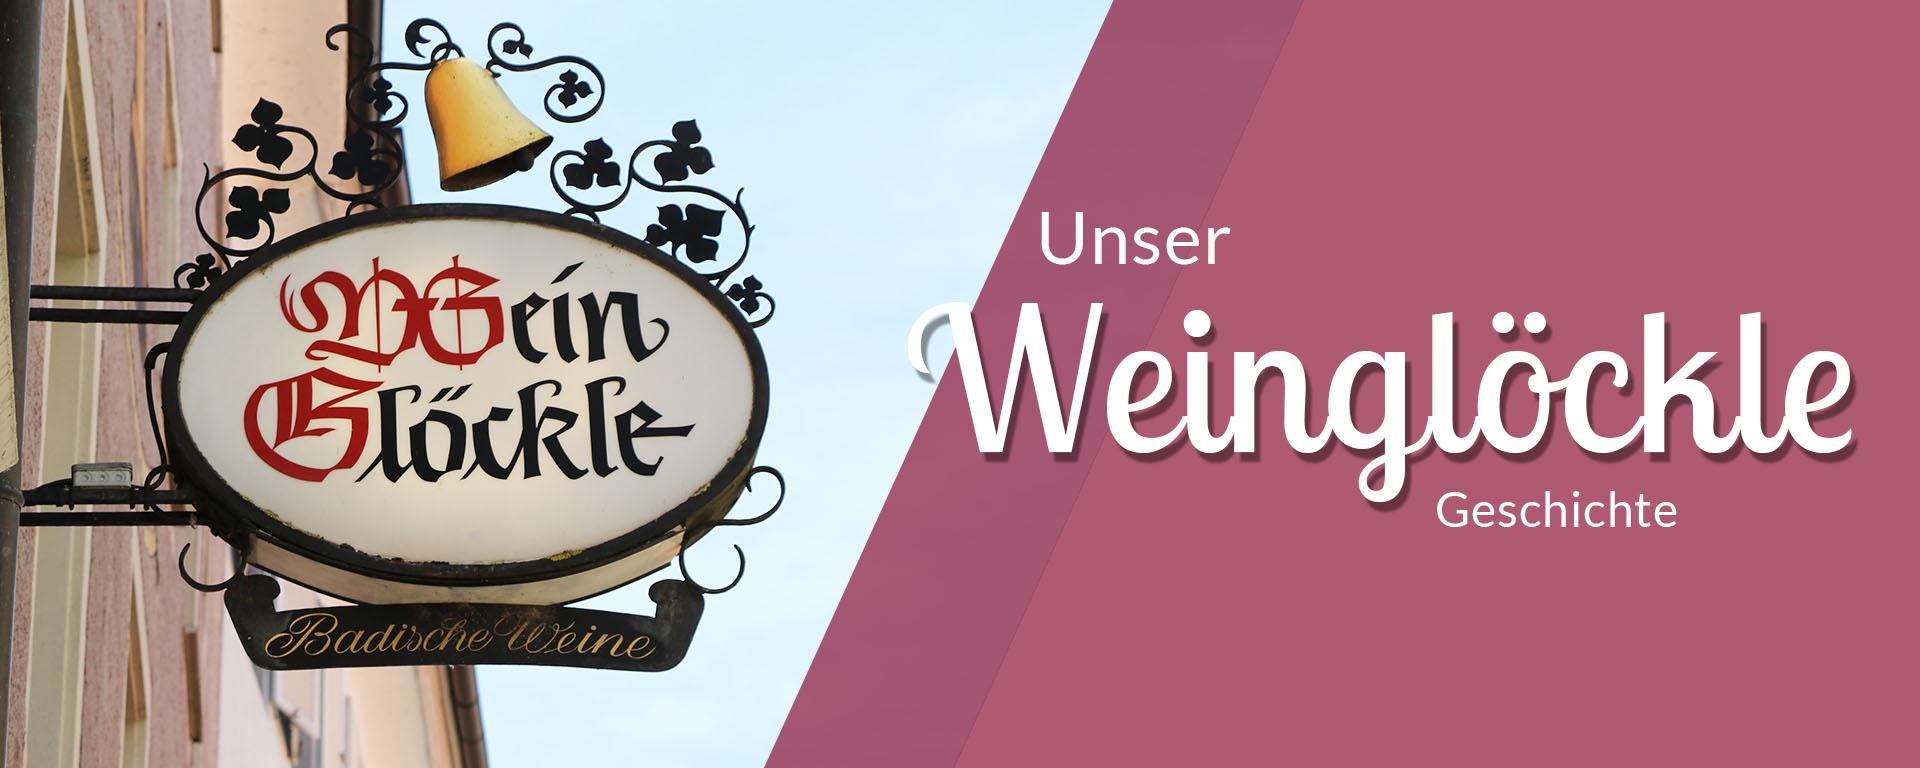 Besuch in Konstanz | Sehenswürdigkeiten Konstanz